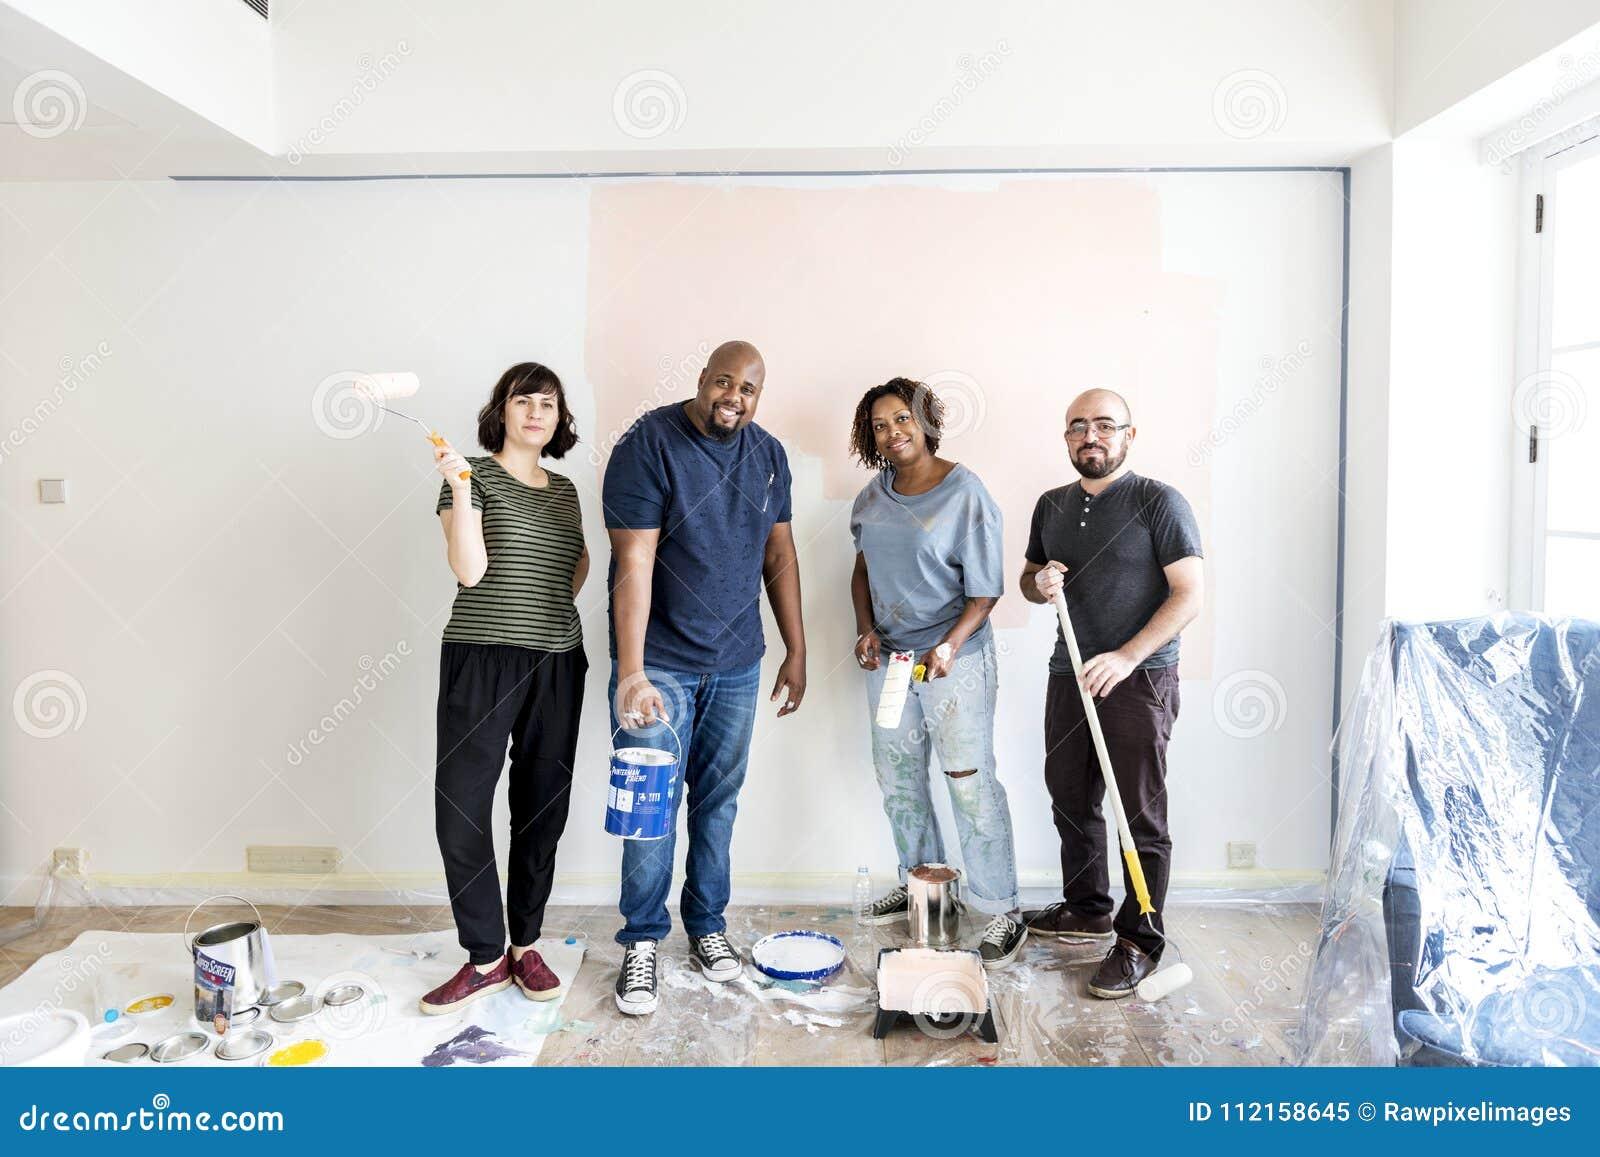 Les gens rénovant la maison ensemble